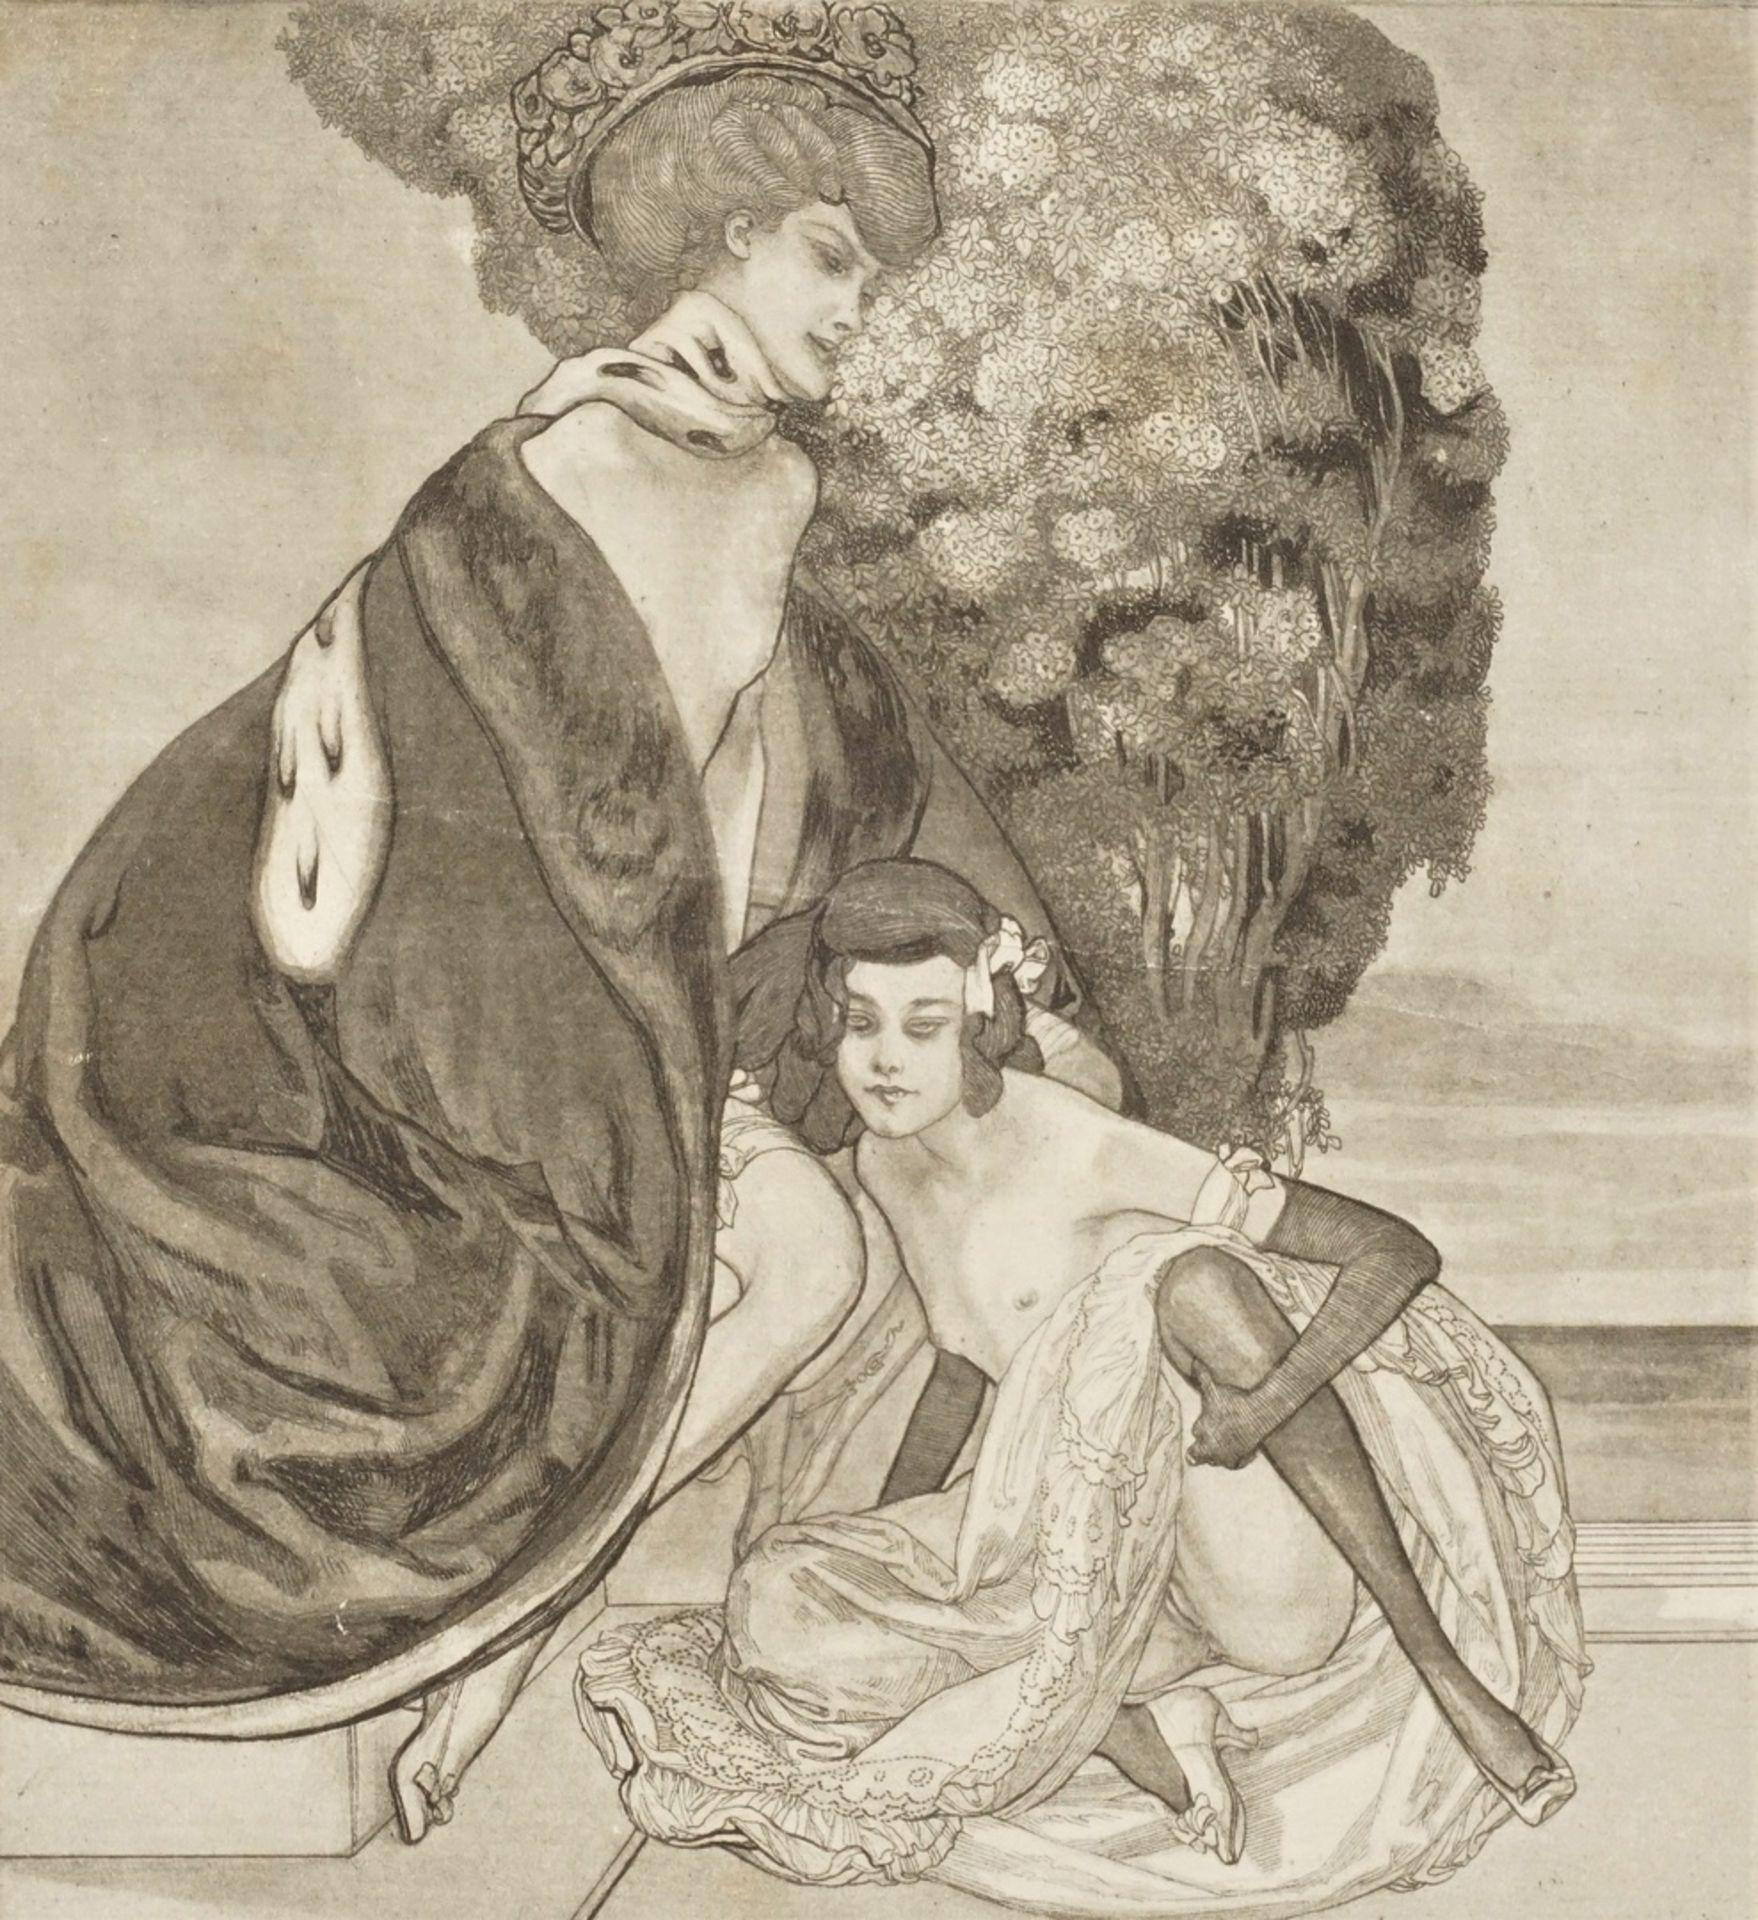 """Franz von Bayros, """" L'autre jour, Lilytte, ce fut comme des perles dans mes cheveux"""" (Eines ..."""